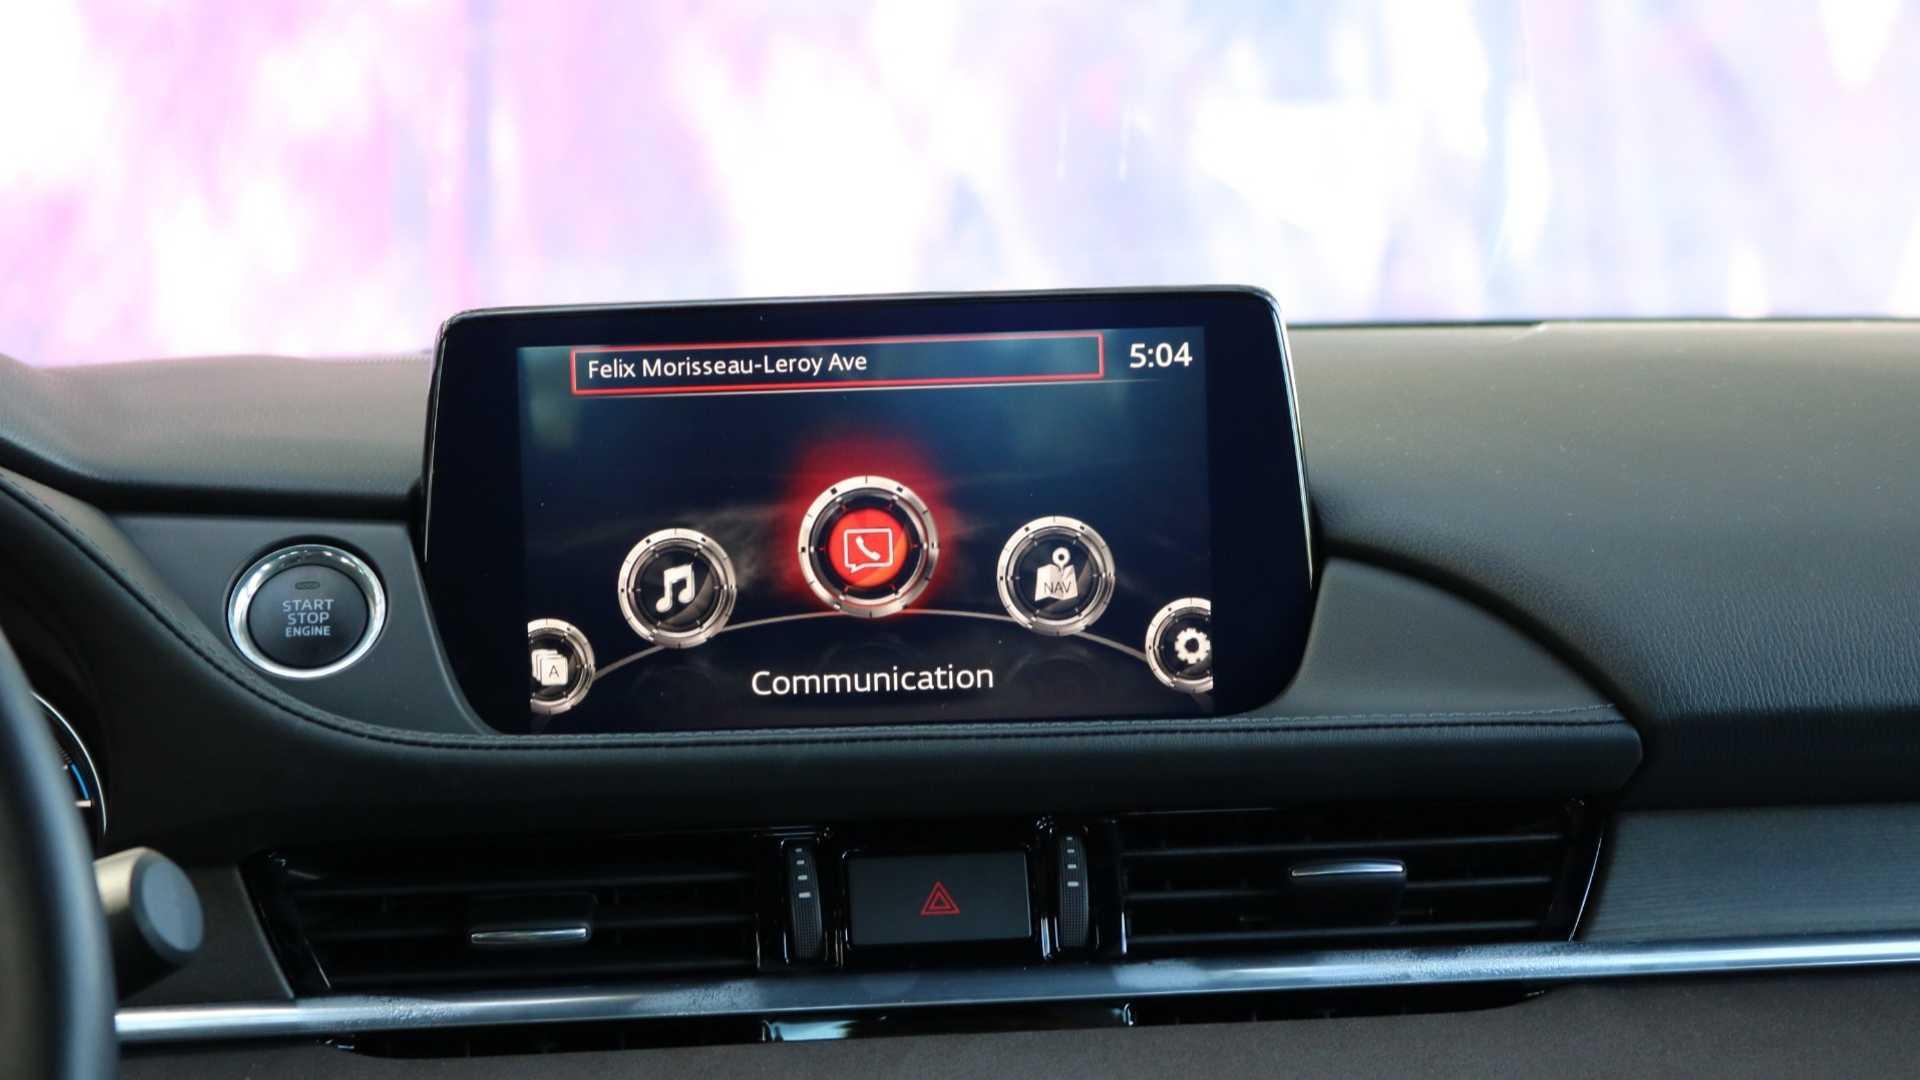 马自达新款阿特兹于9月下旬发布 部分配置升级/搭2.5T引擎